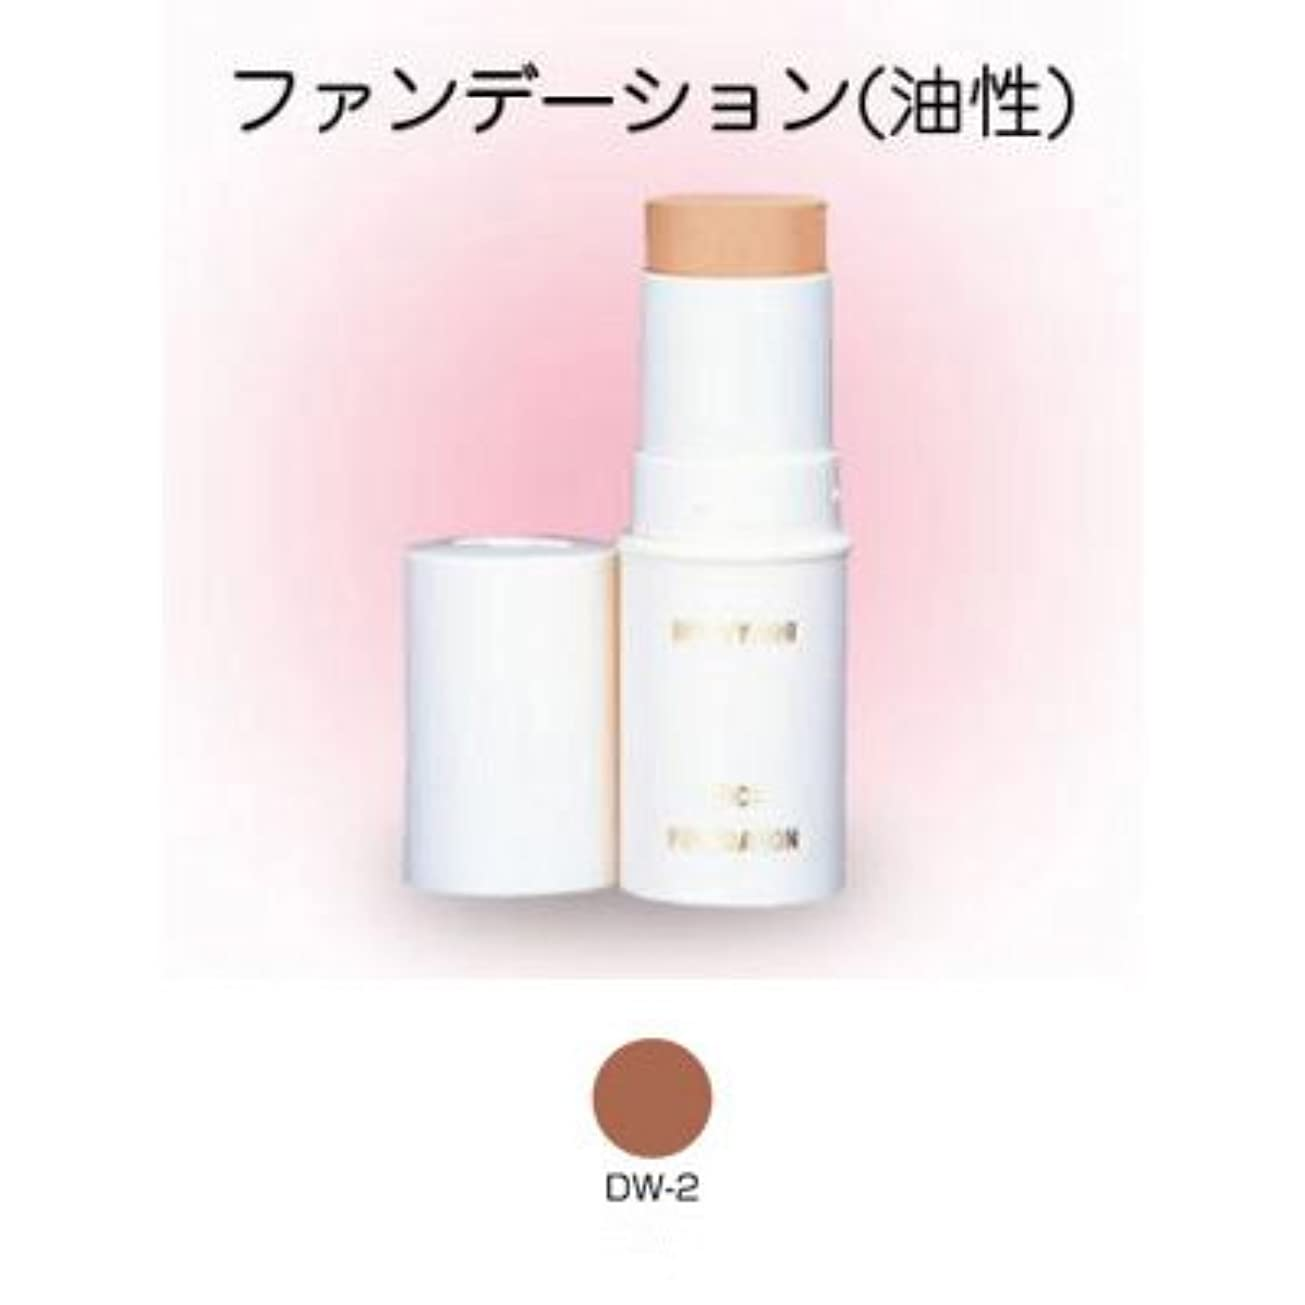 ソーシャル懺悔しつけスティックファンデーション 16g DW-2 【三善】